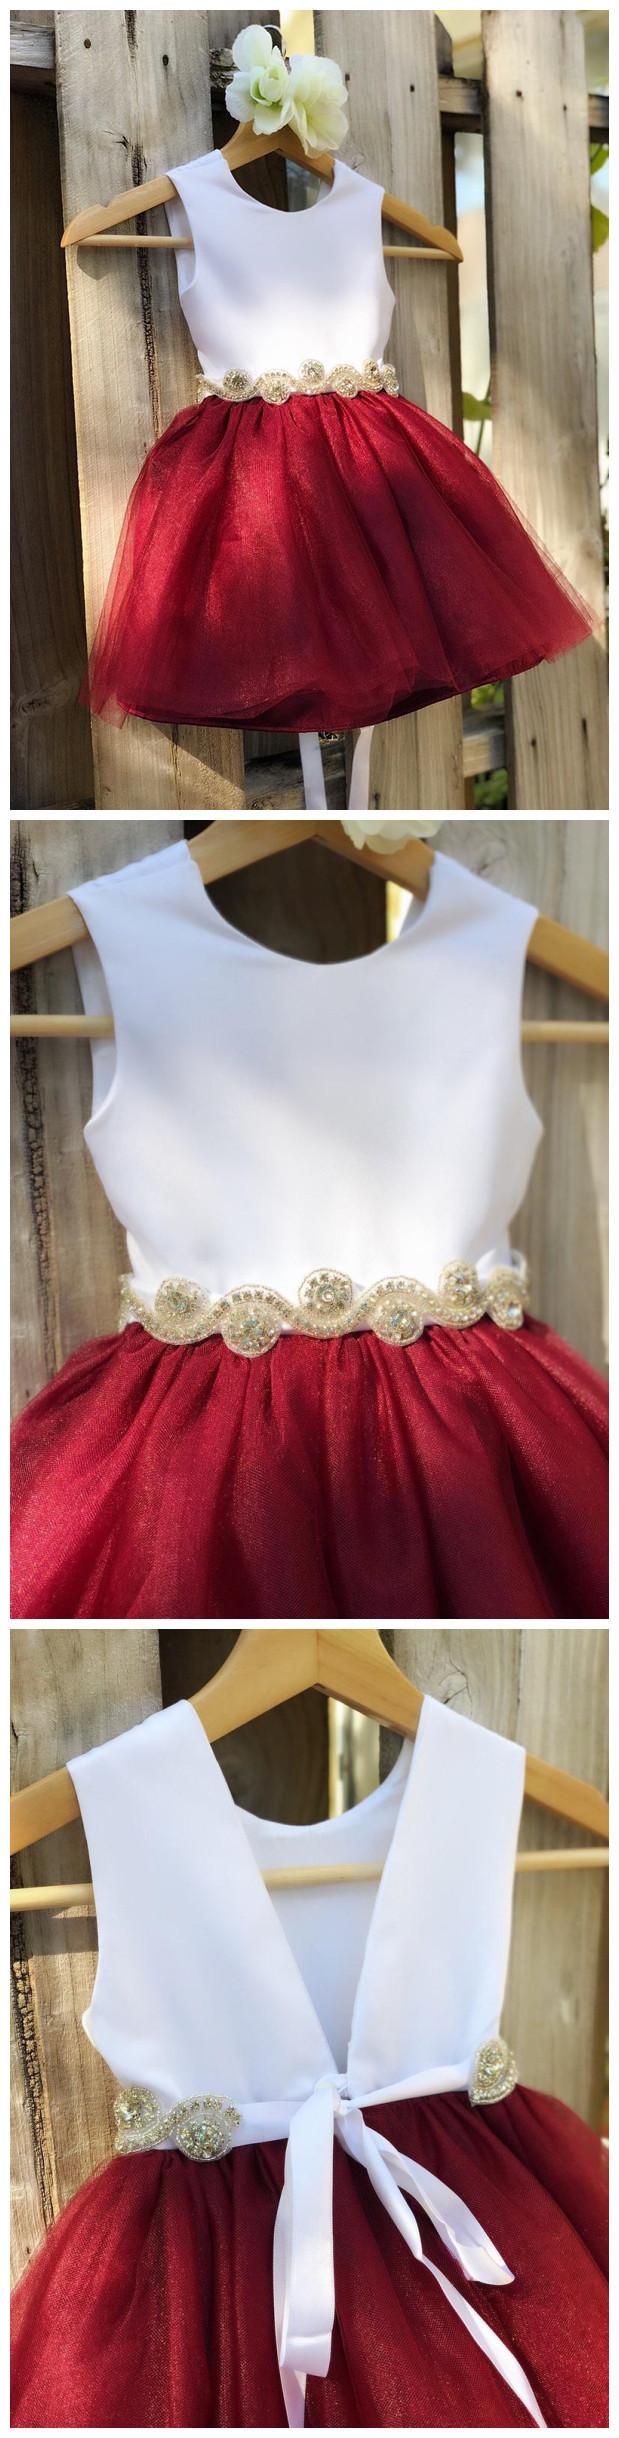 Burgundy Flower Girl Dress with Rhinestone Sash. Elegant Satin Tulle Flower Girl